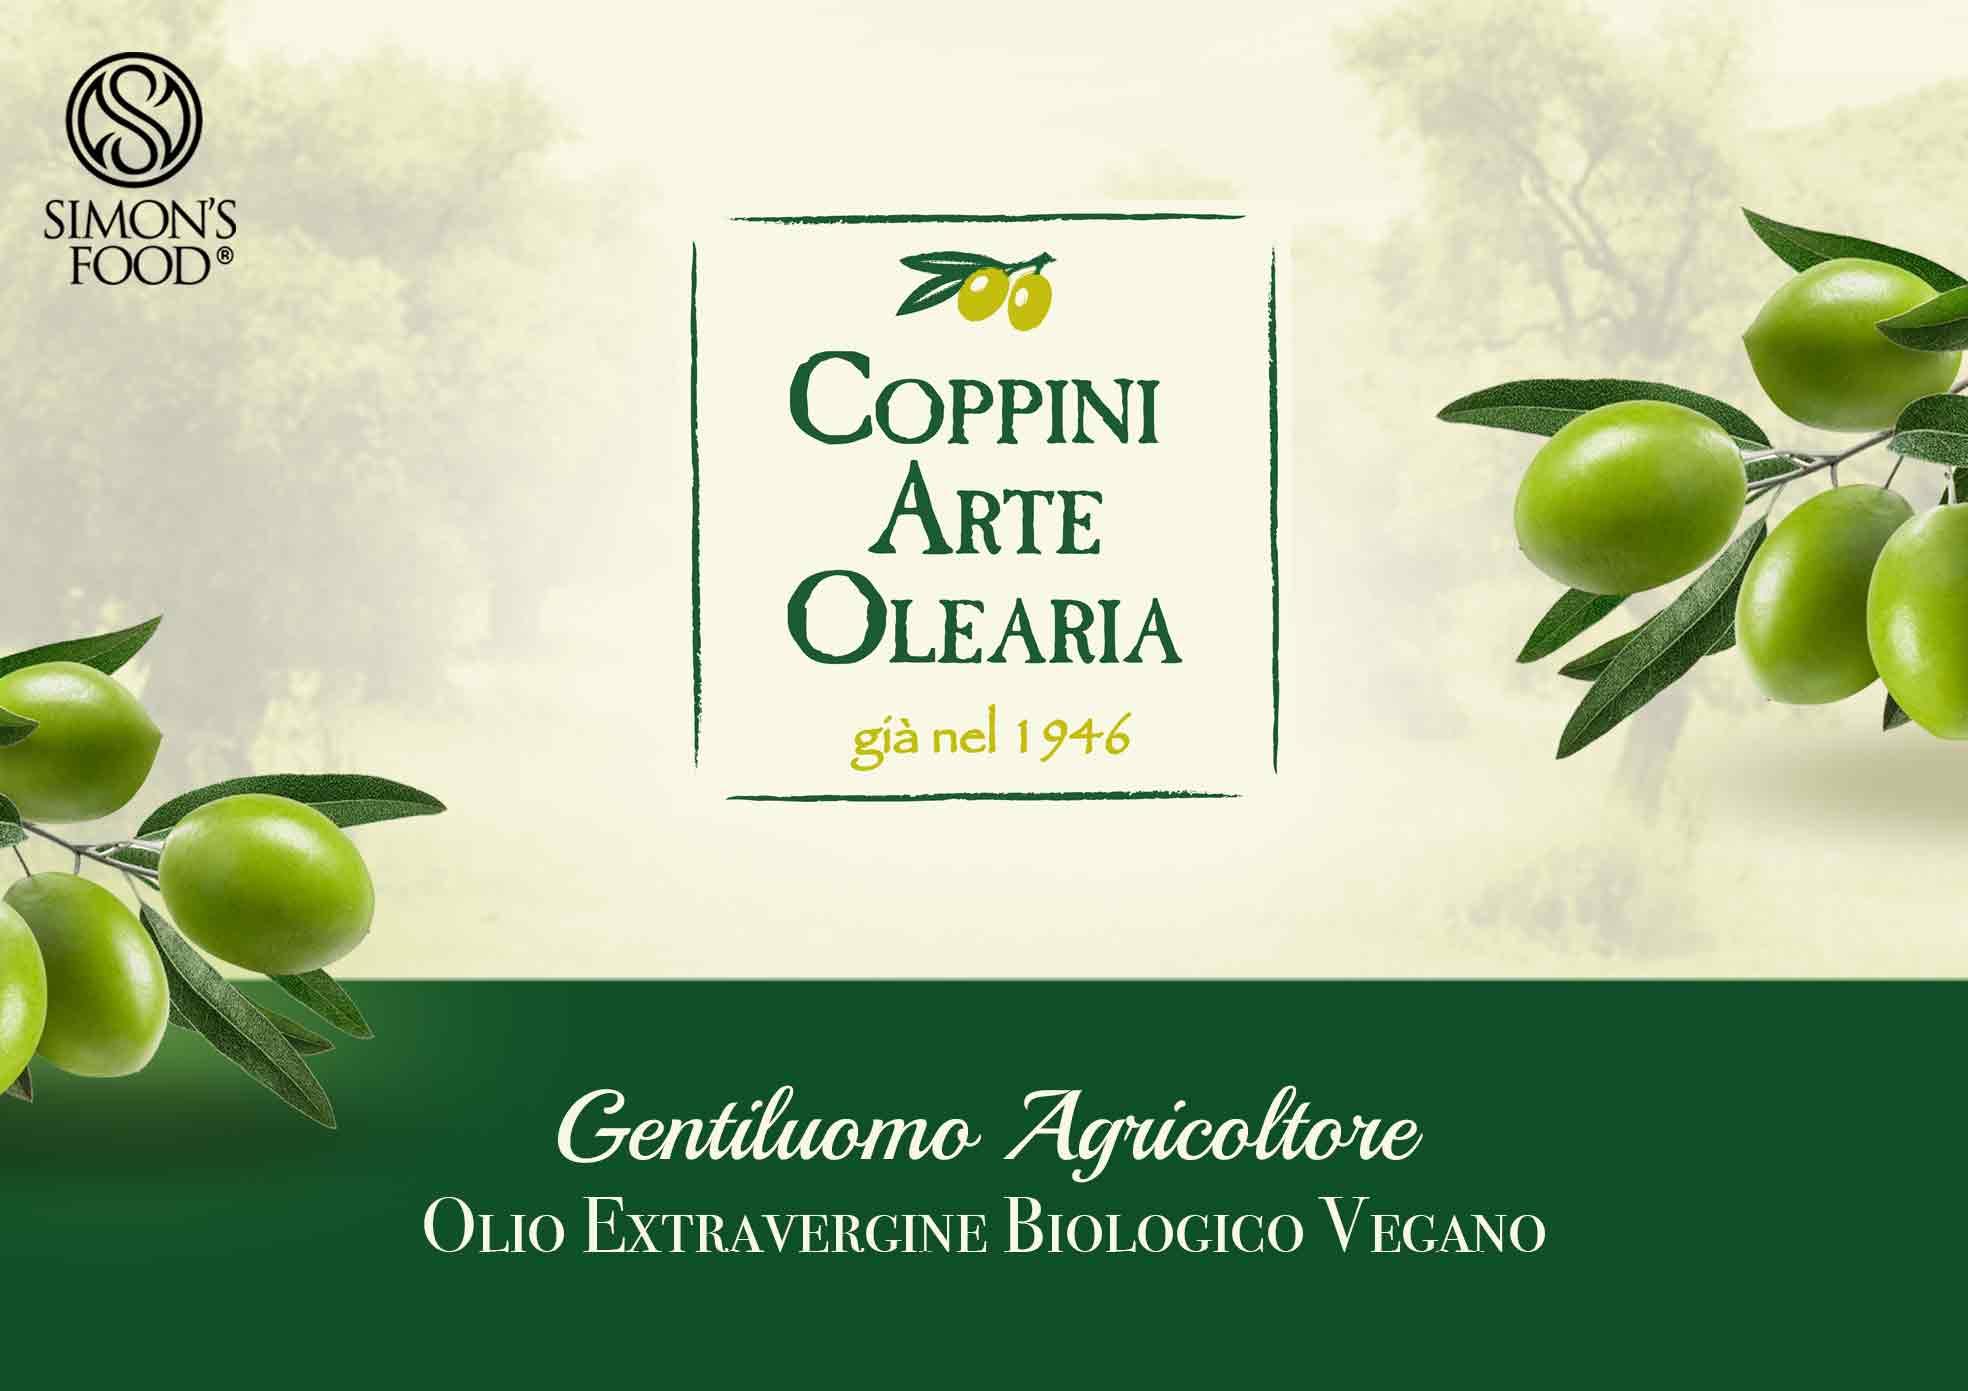 Gentiluomo Agricoltore - Olio Biologico Vegano